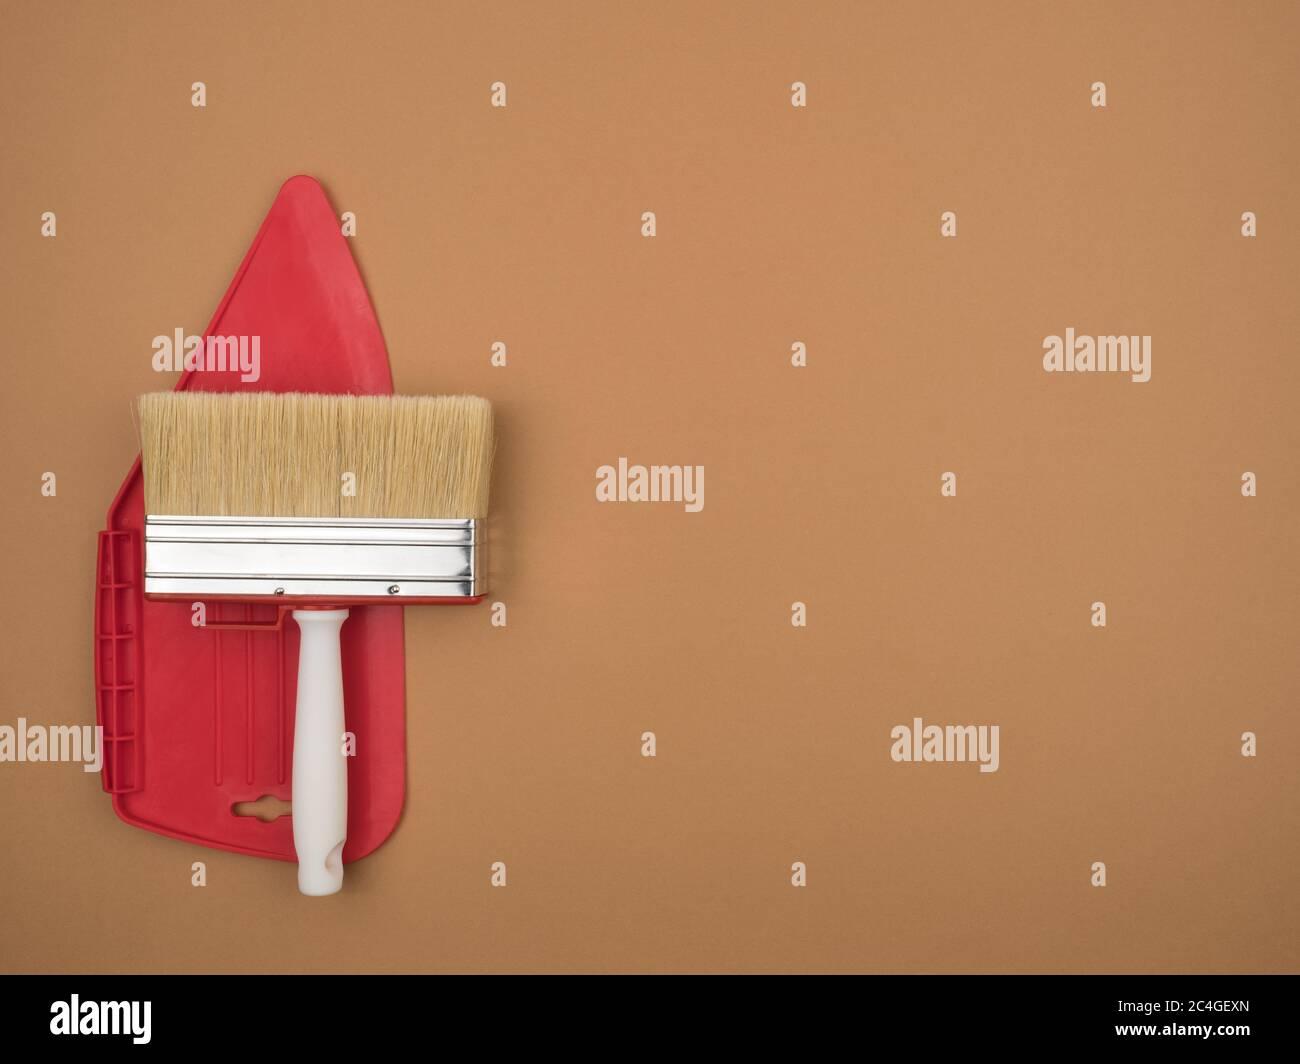 Spatule pour lisser le papier peint et un grand pinceau. Arrière-plan beige. Banque D'Images